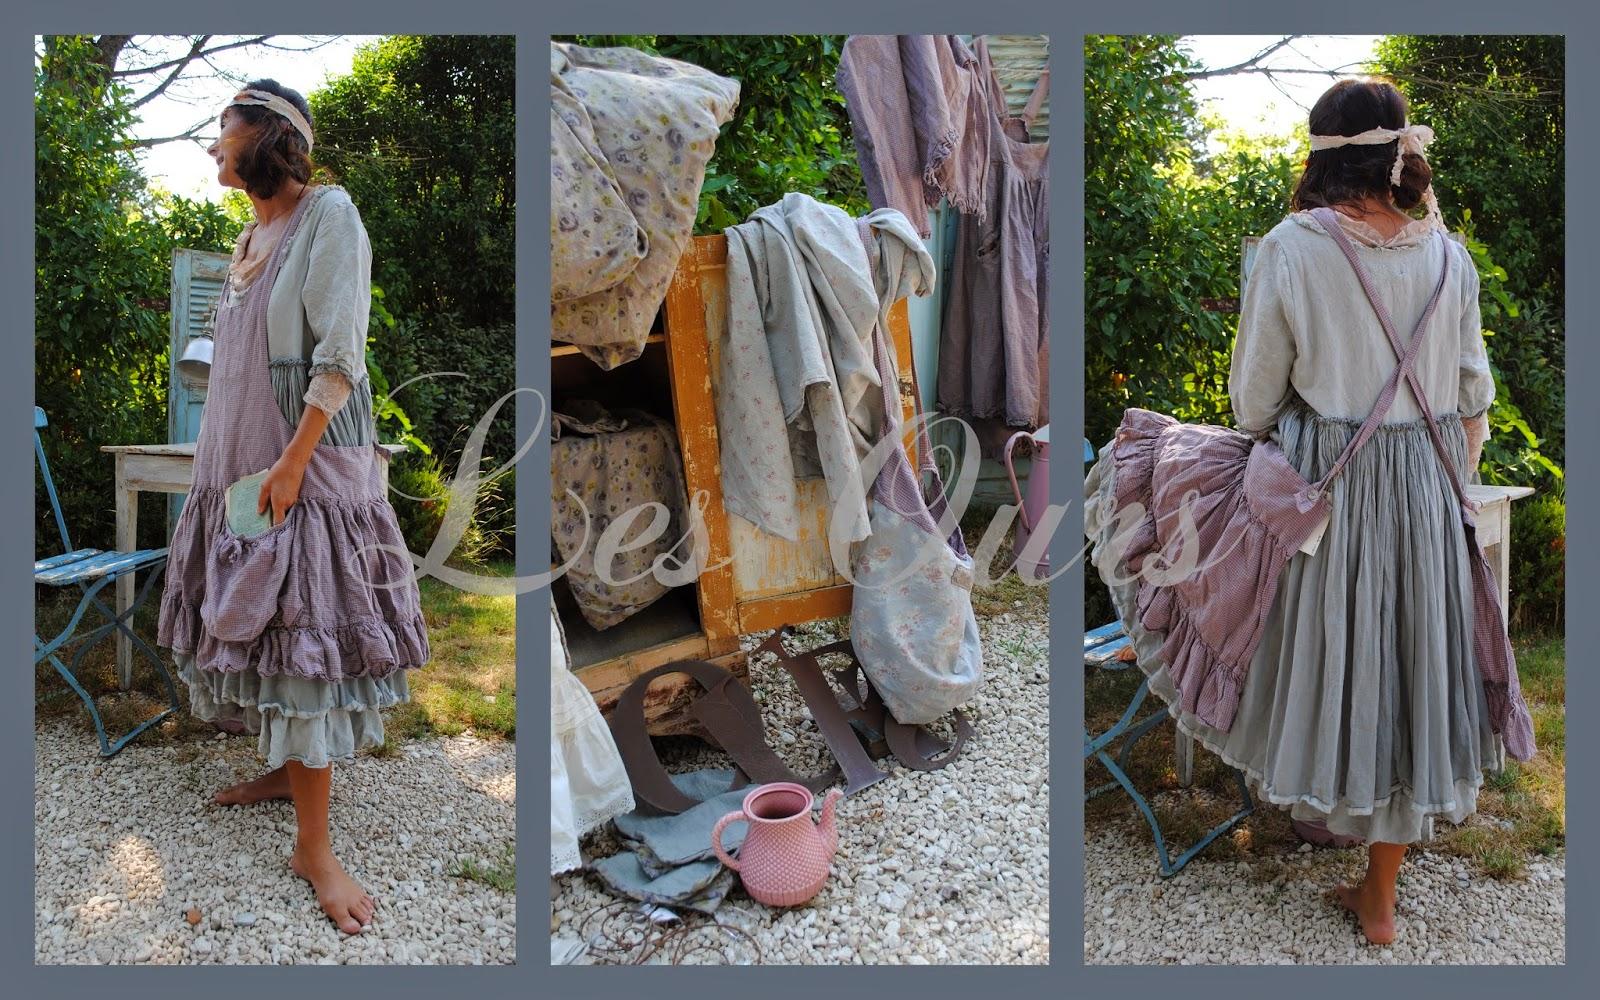 http://lesoursduzes.blogspot.fr/p/blog-page_20.html